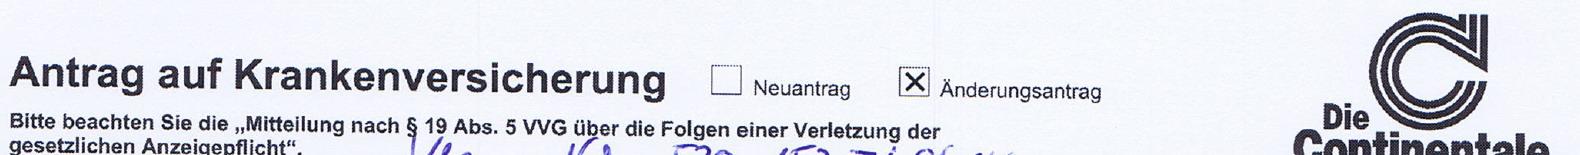 Conti Tarifwechsel -Vertragslaufzeiten-Continentale- VVG.